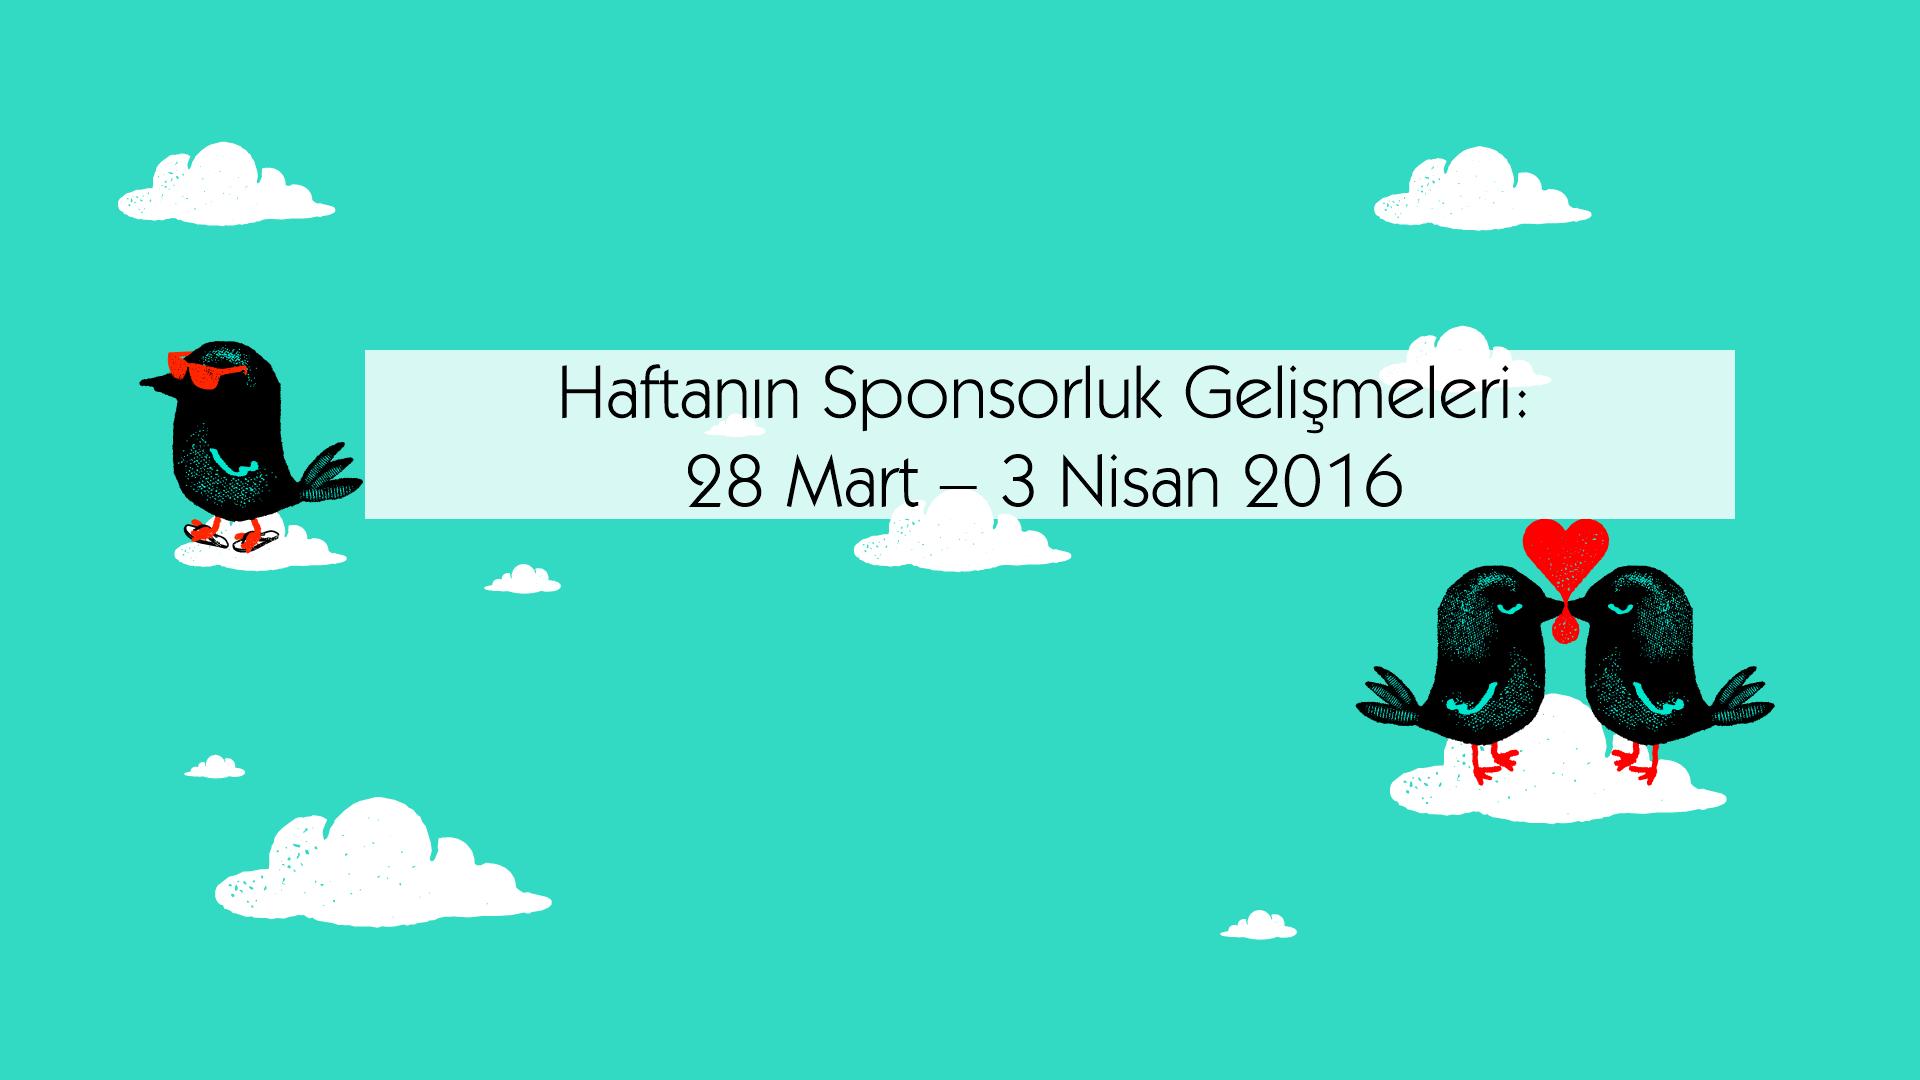 Haftanın Sponsorluk Gelişmeleri: 28 Mart – 3 Nisan 2016